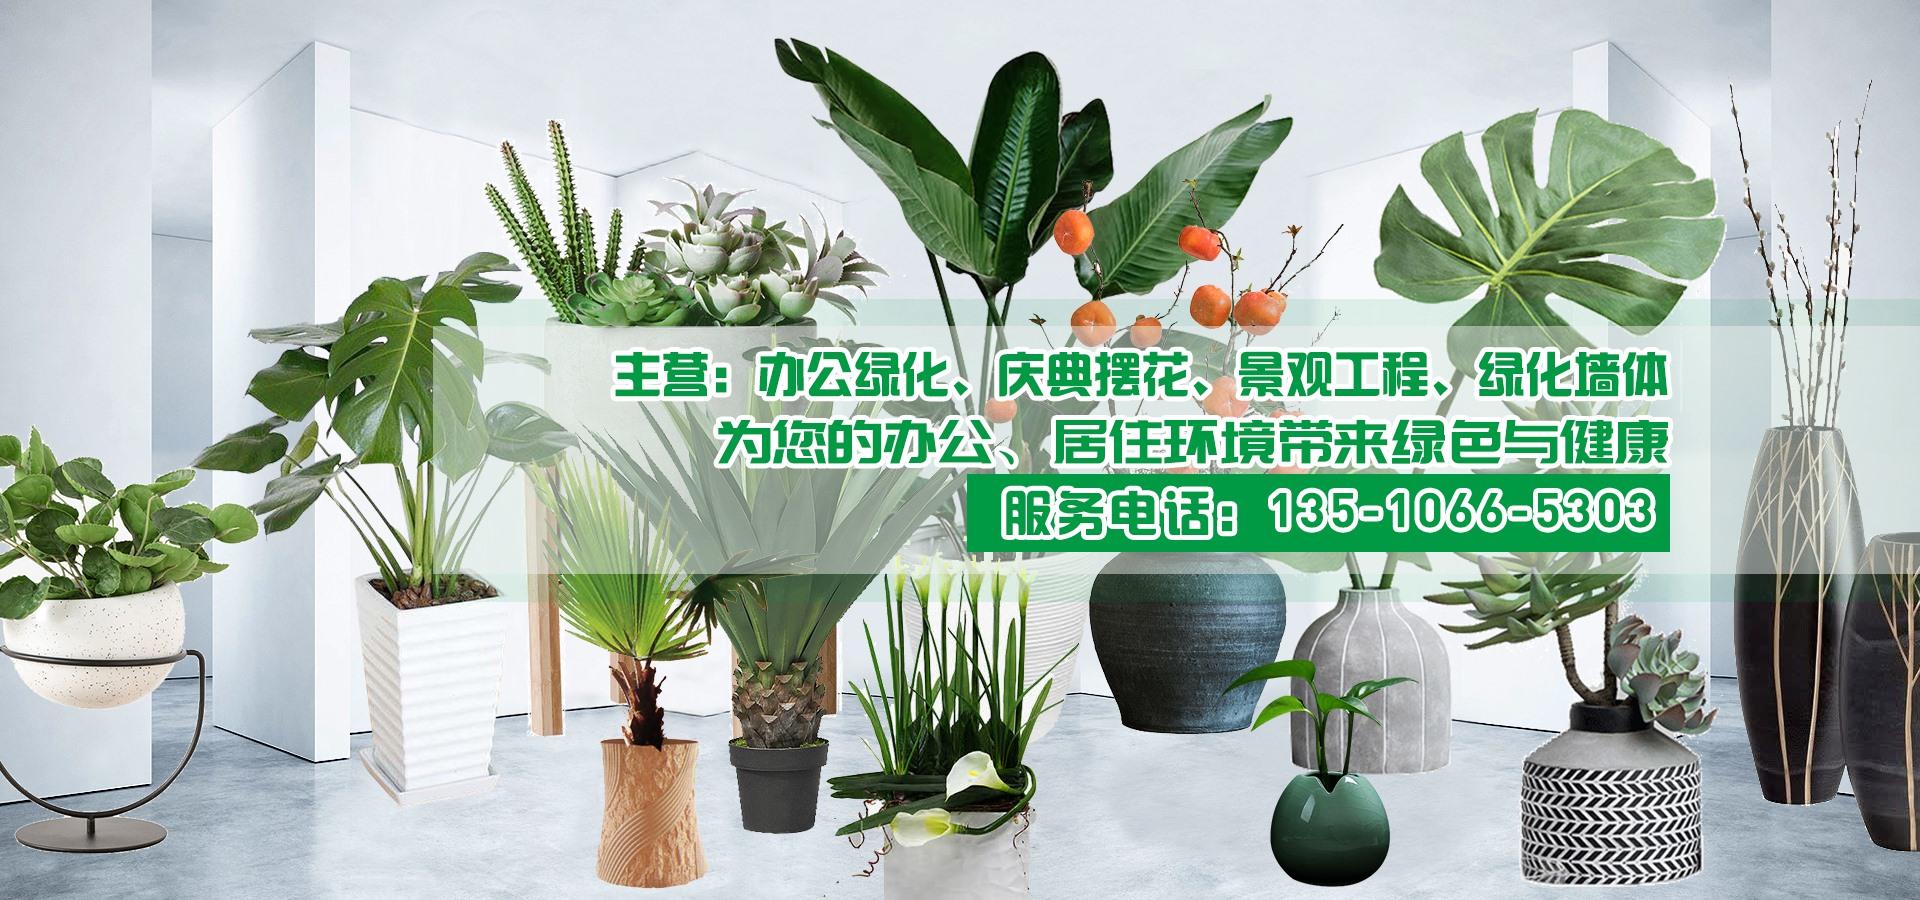 办公绿化、庆典摆花、景观工程、绿化墙体